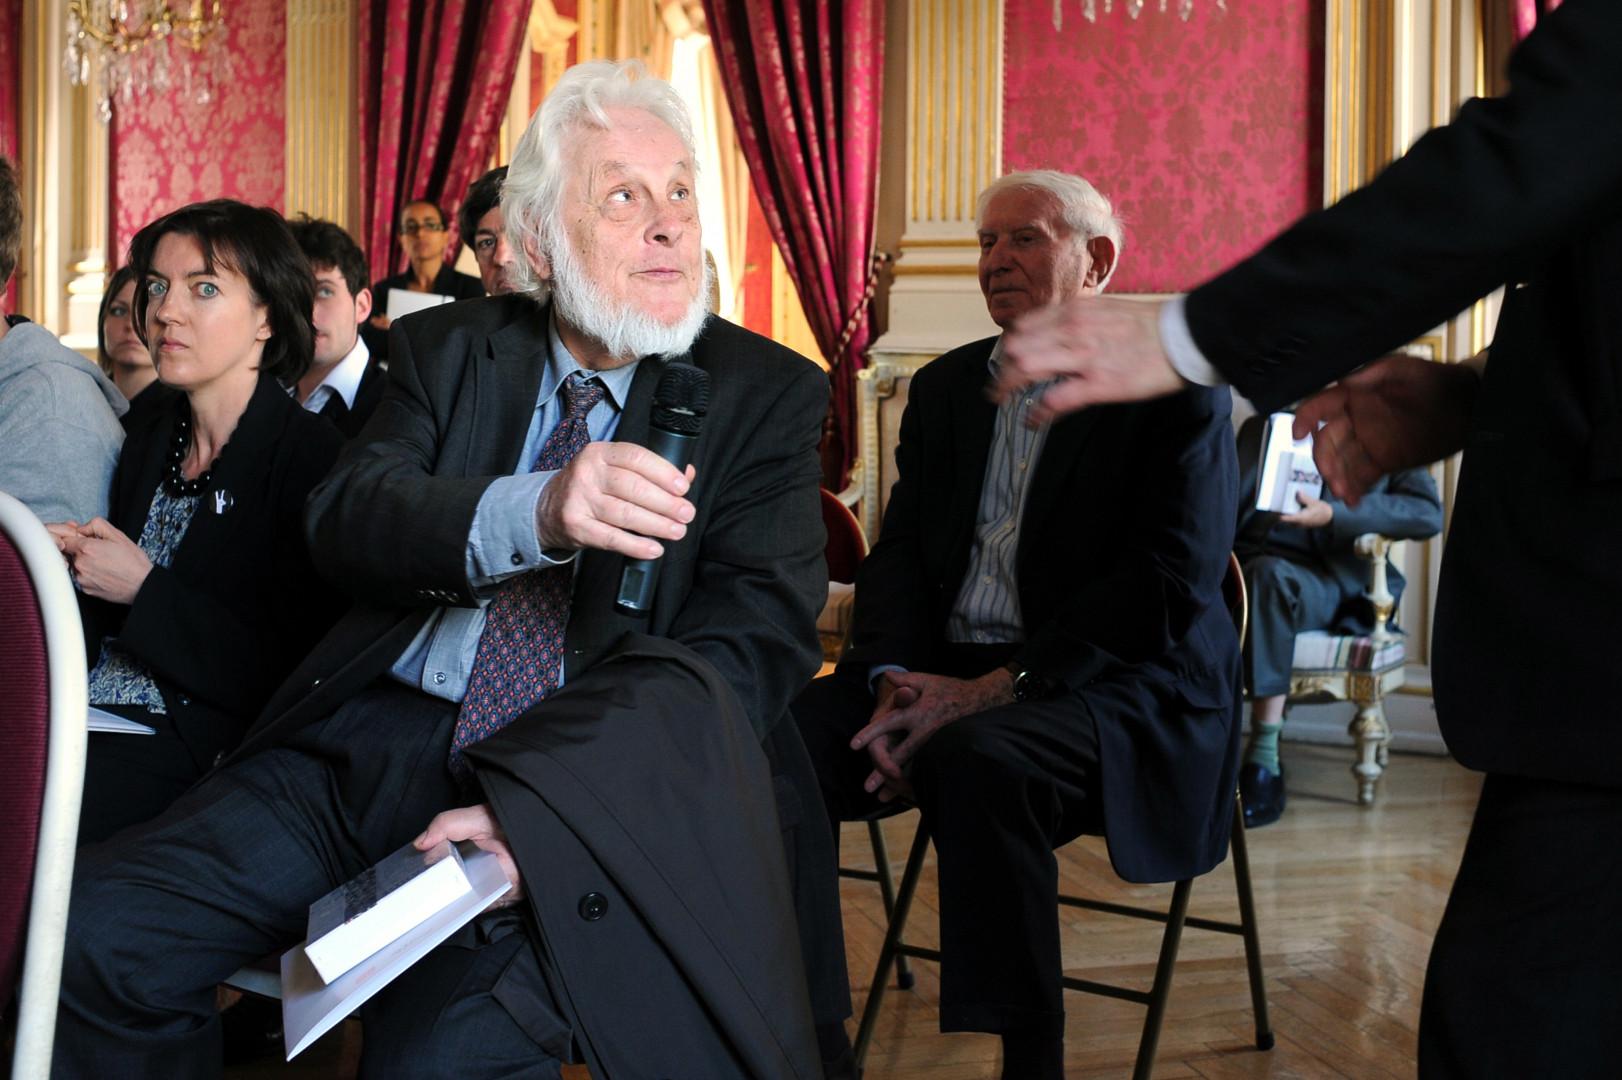 Pierre Truche, le premier président honoraire de la Cour de cassation